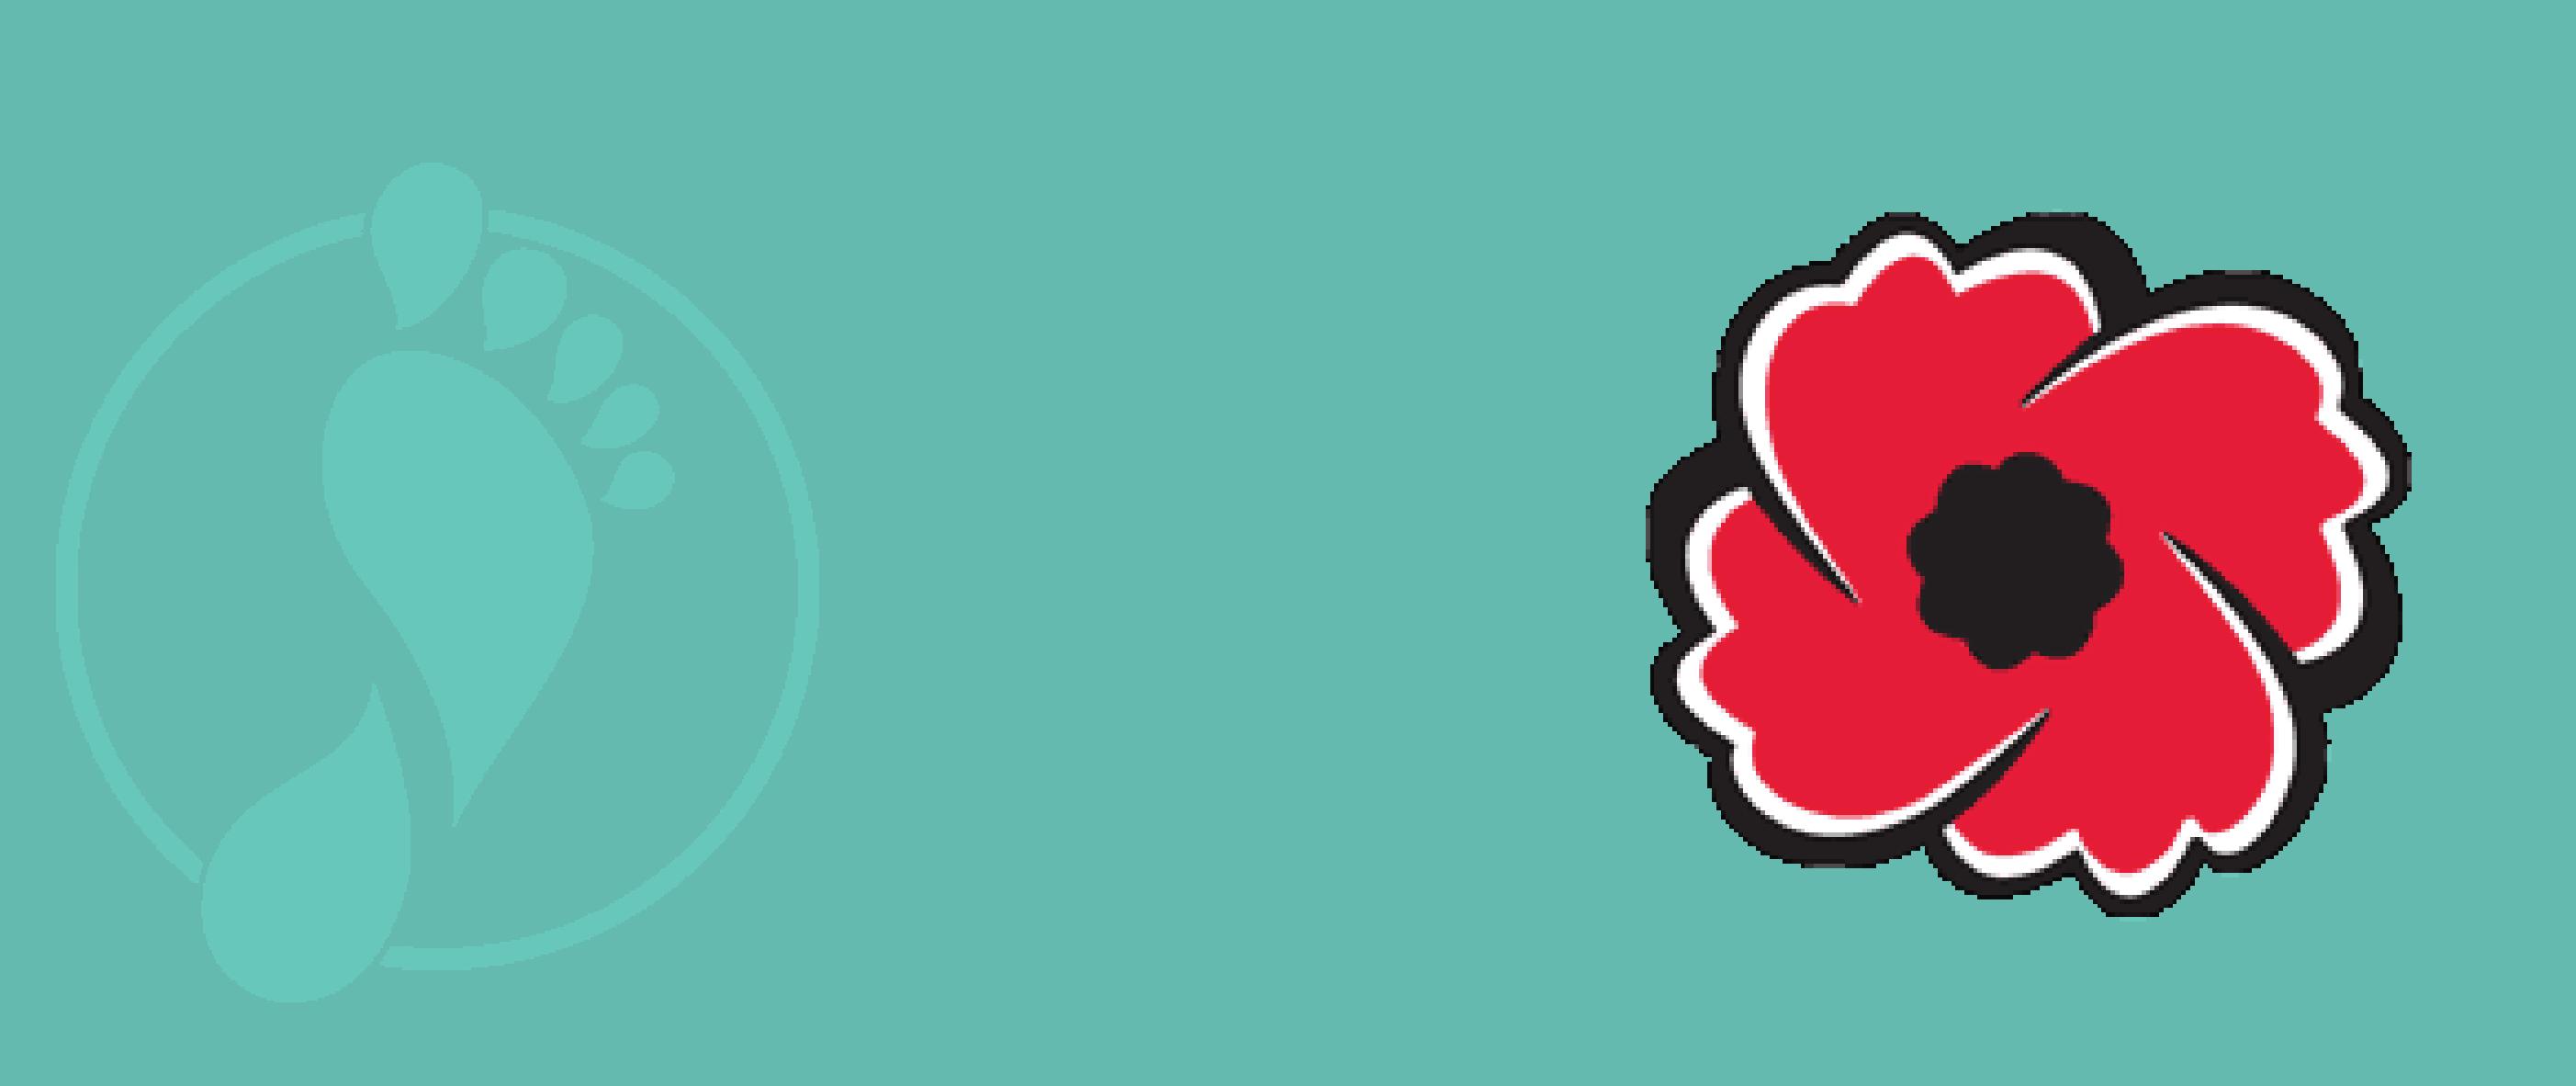 Logo with poppy